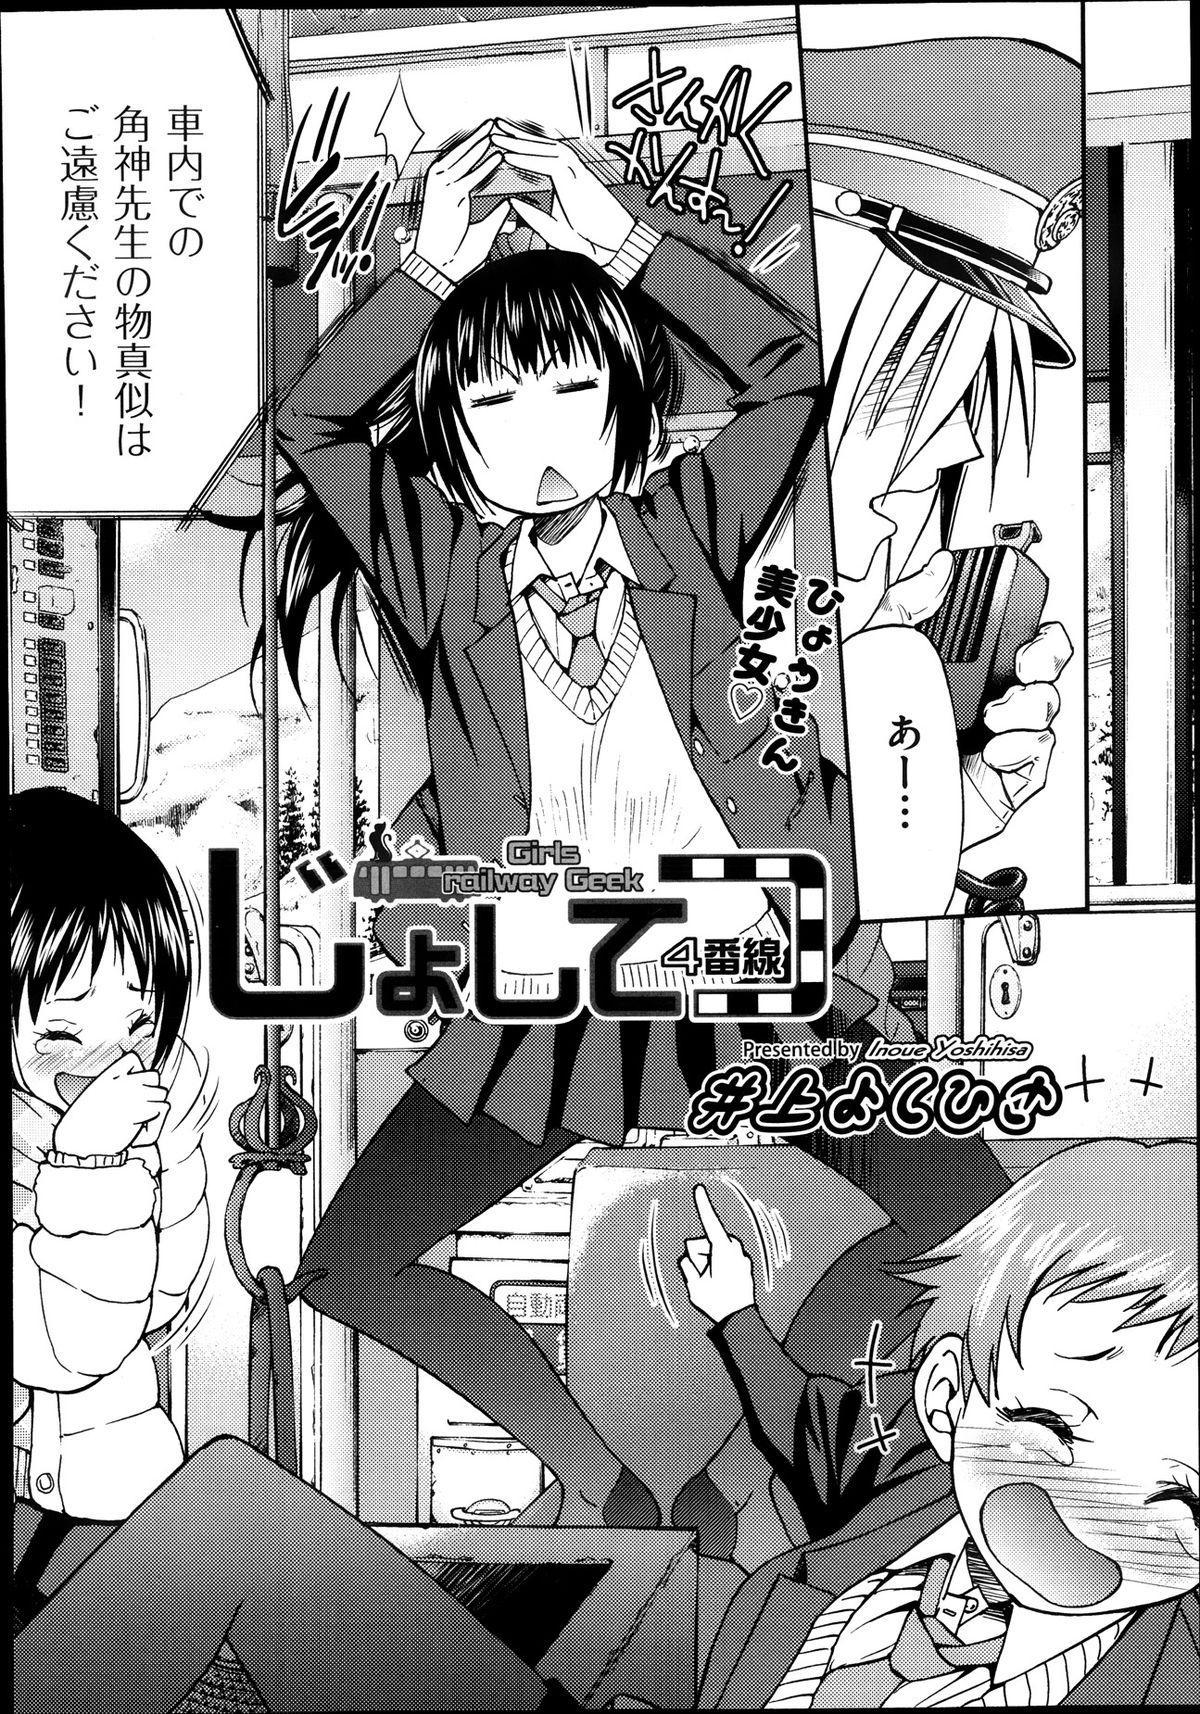 [Inoue Yoshihisa] Joshitetsu -Girls railway Geek- Ch.1-7 87